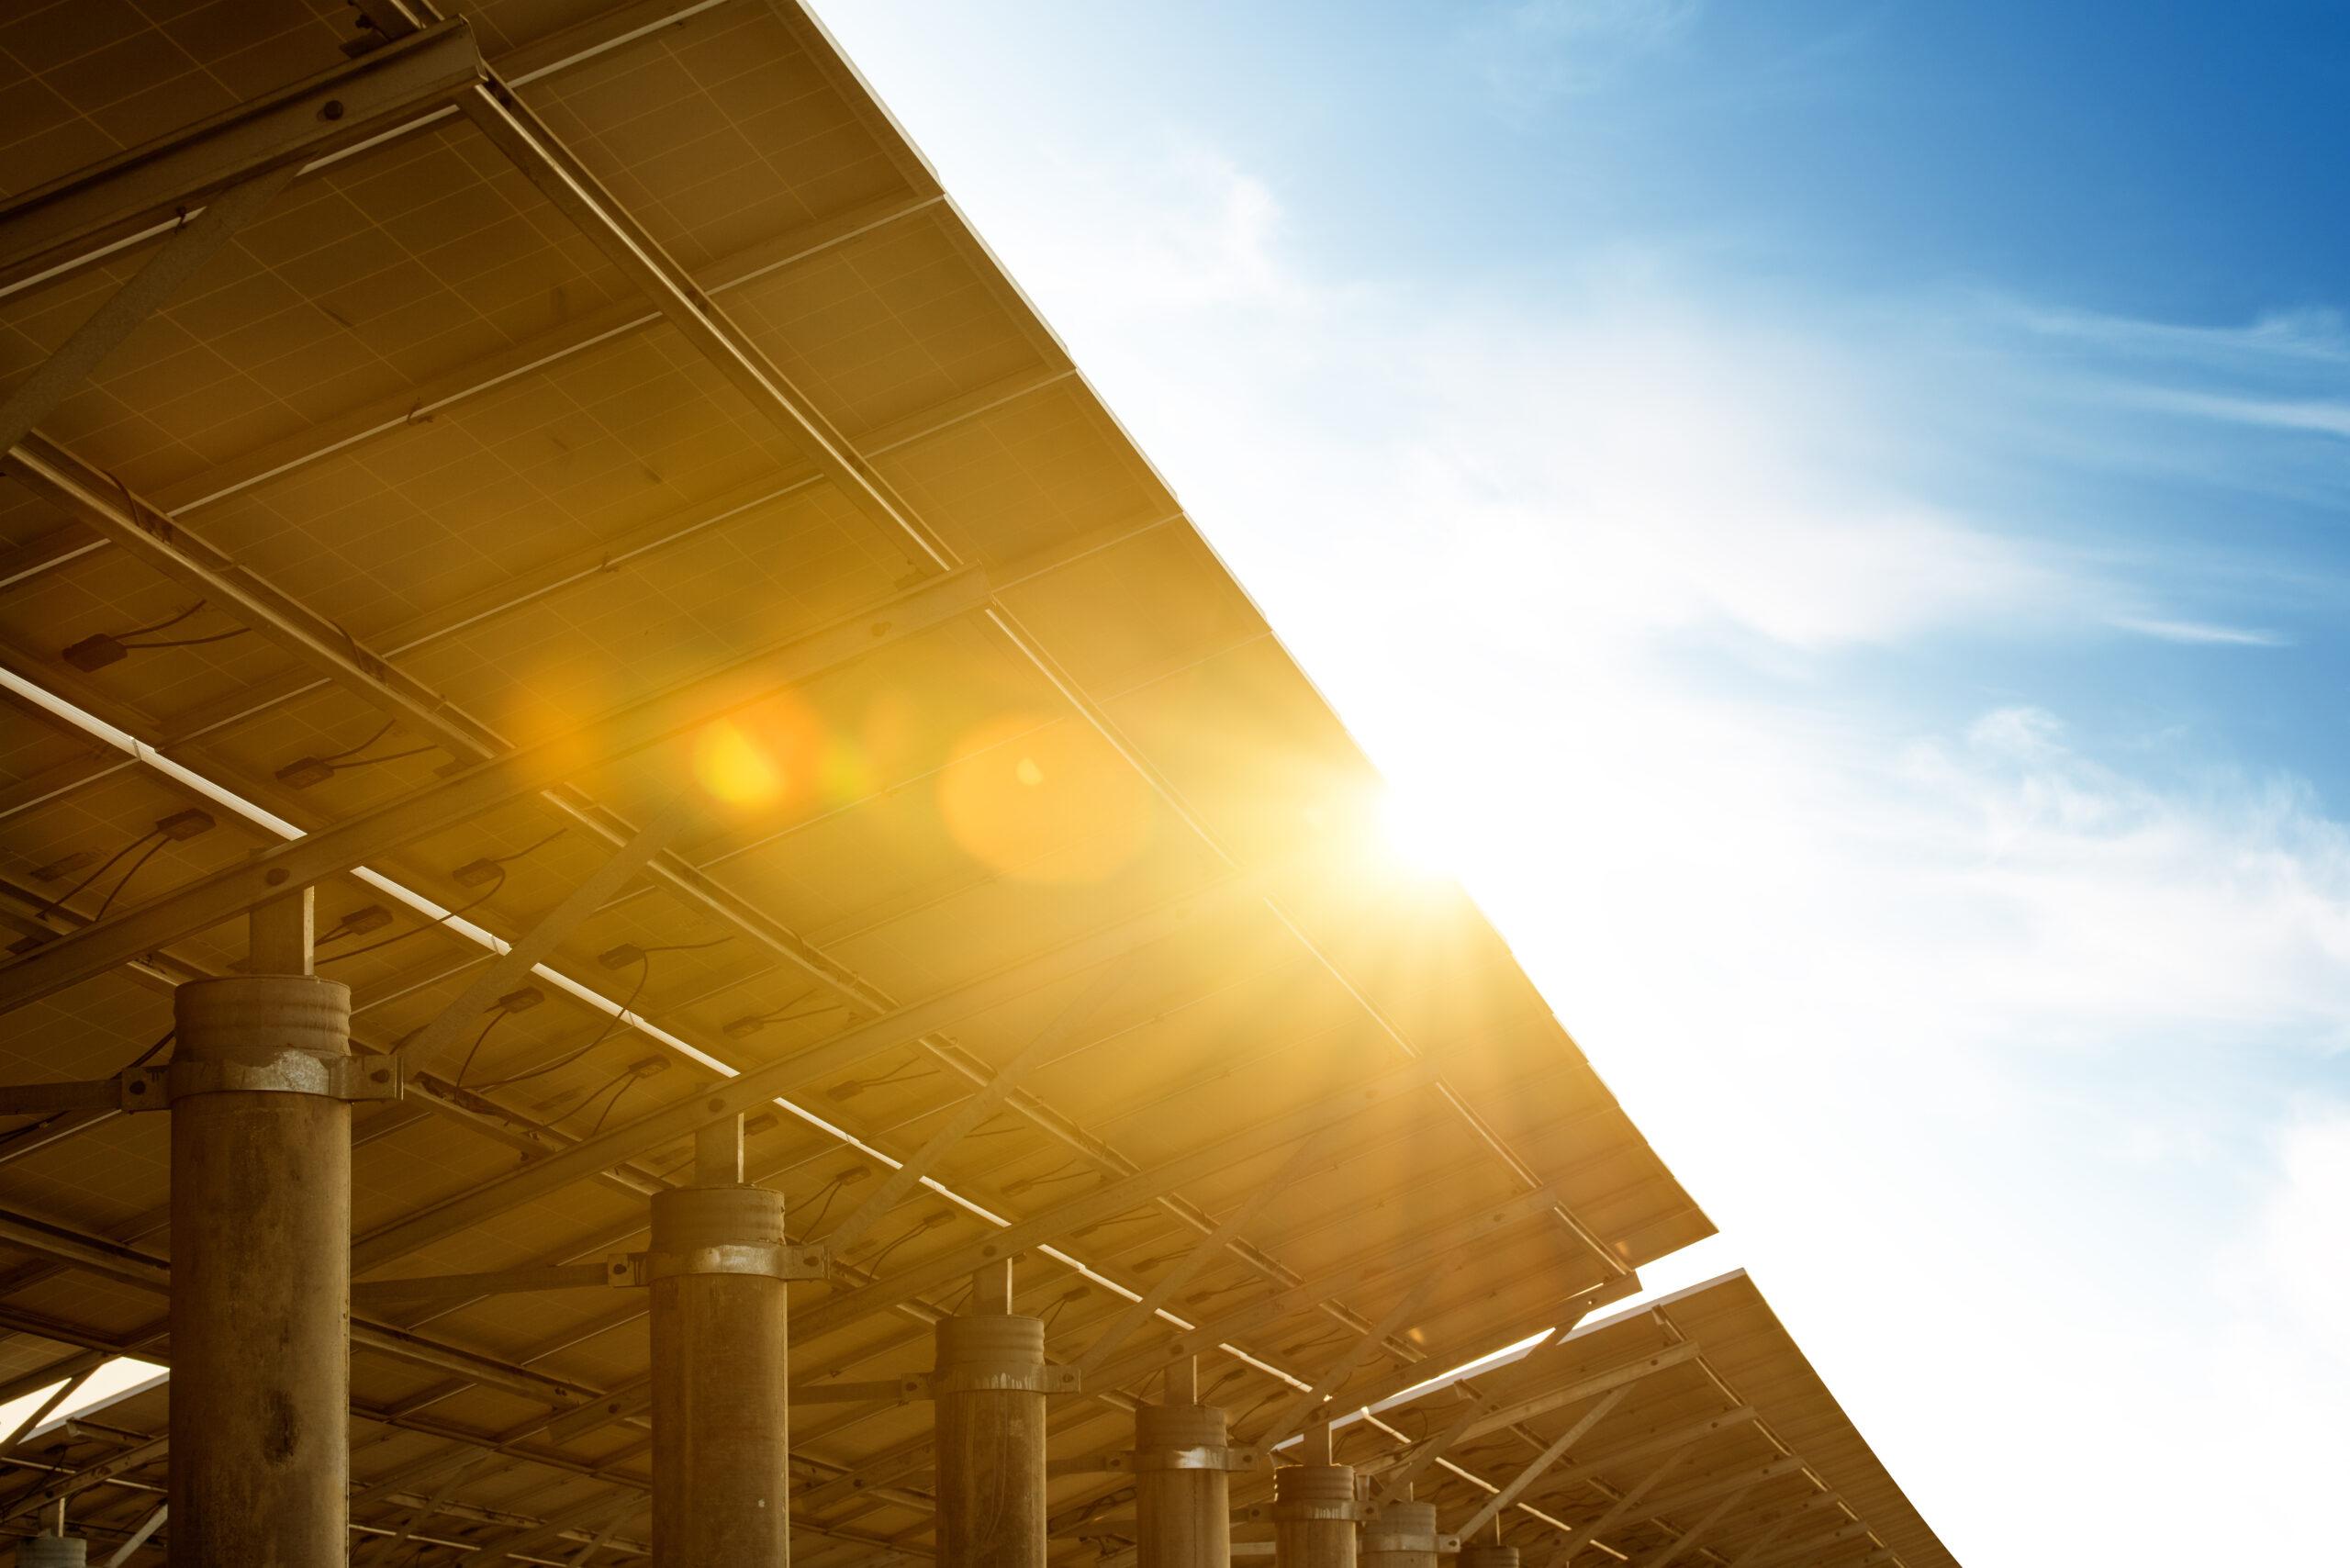 Neuer Rekordpreis Für Photovoltaikstrom: Portugal Sagt 1,114 Cent Pro KWh An